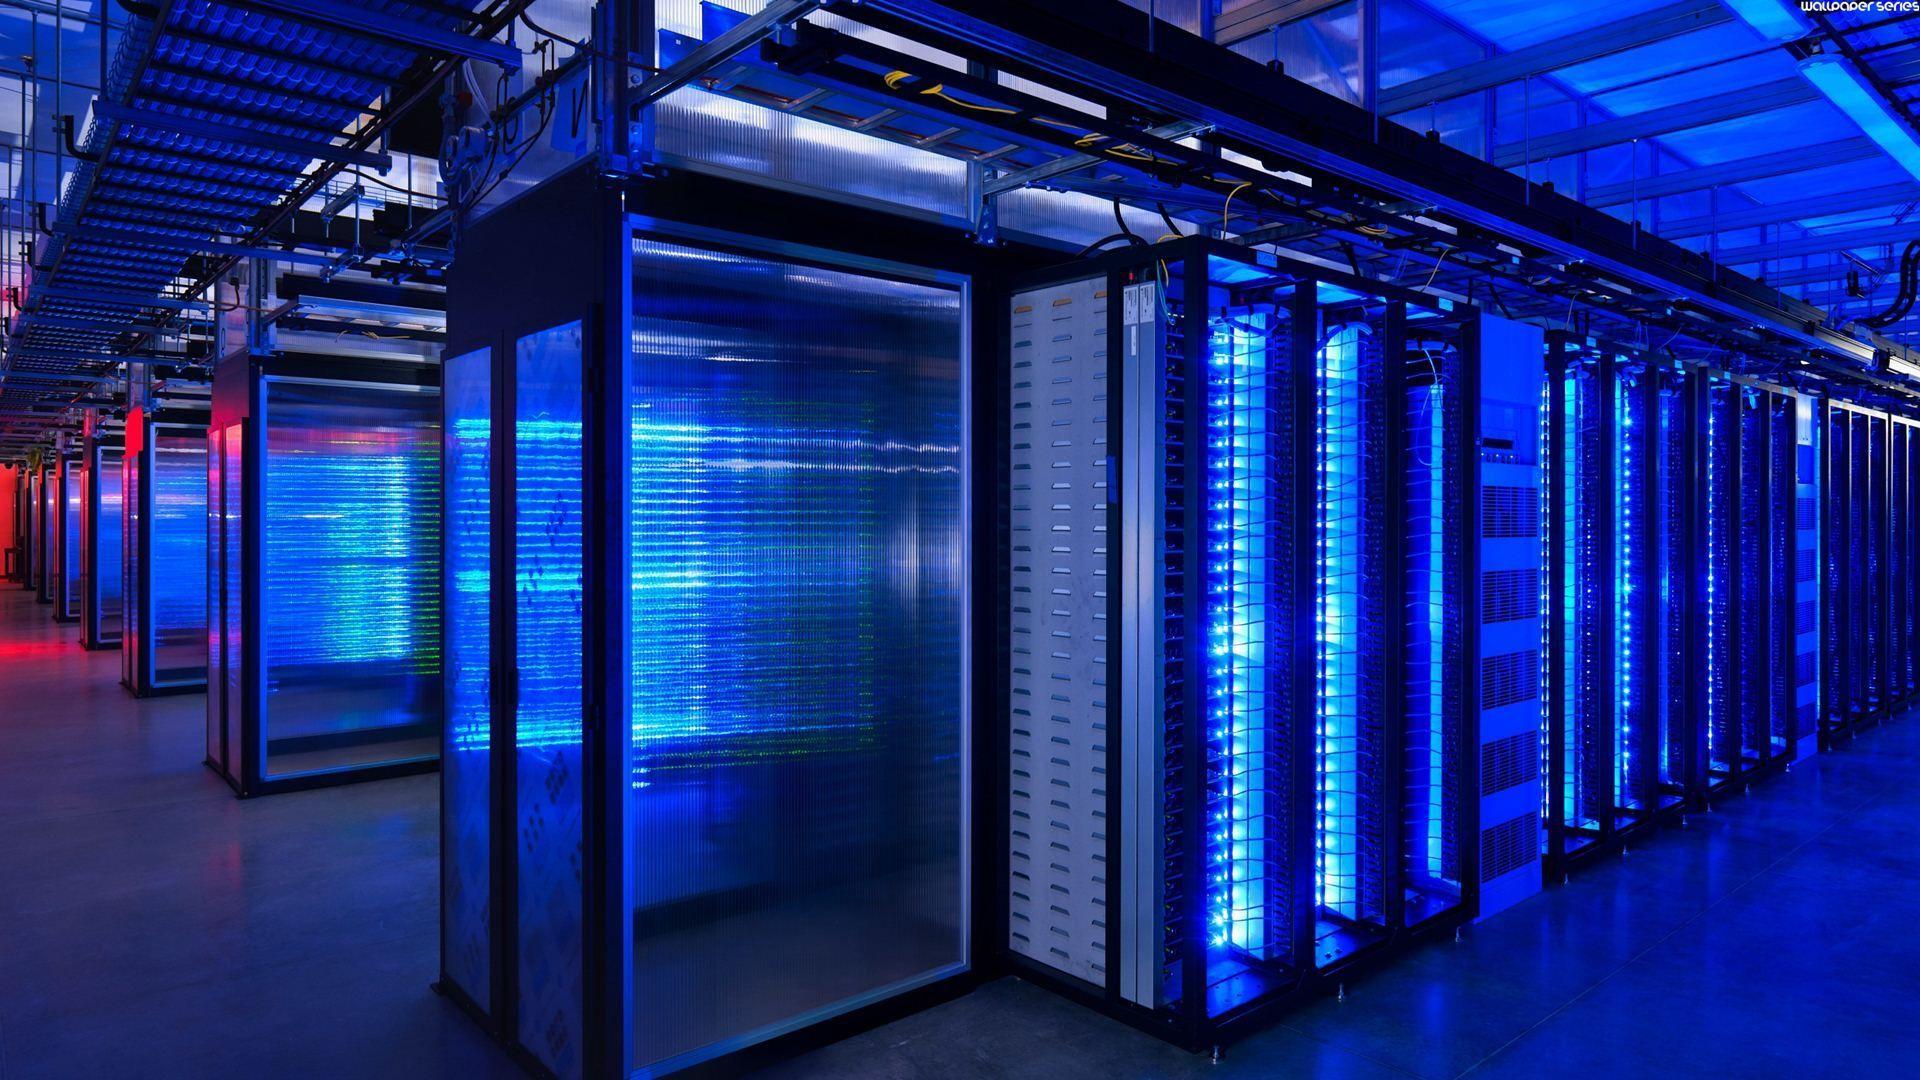 Хостинг север как создать собственный хостинг серверов